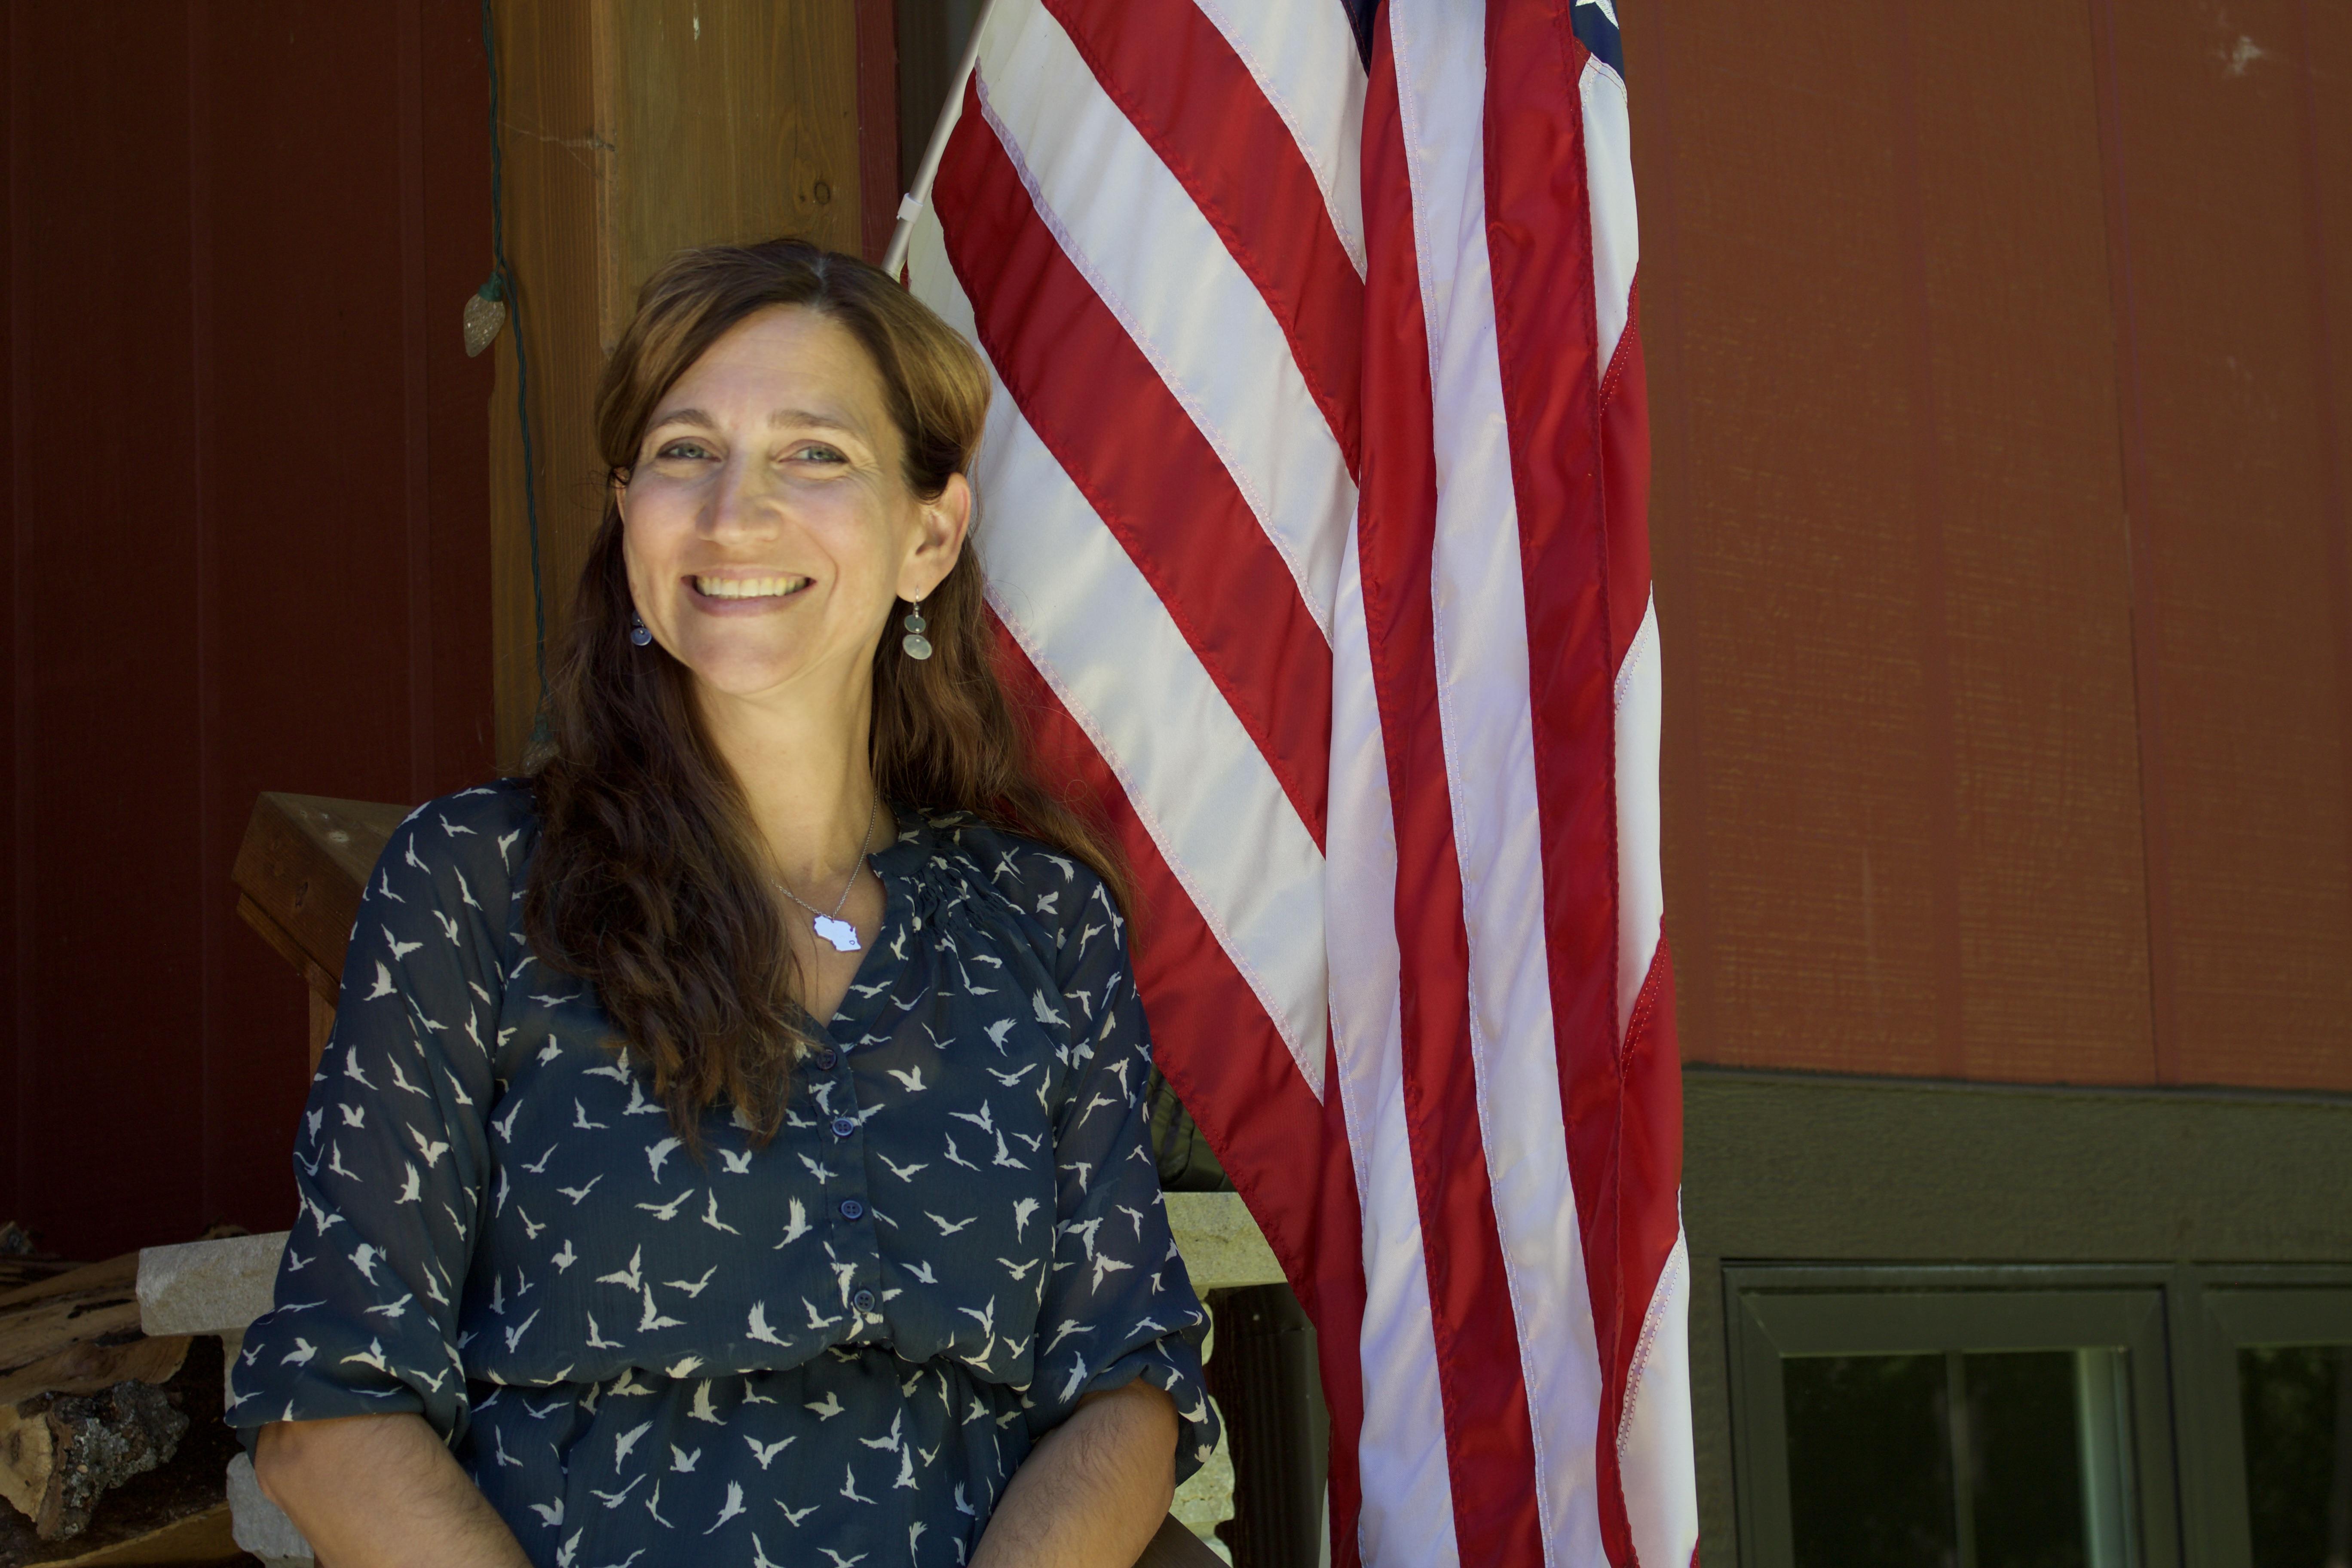 Melissa Winker